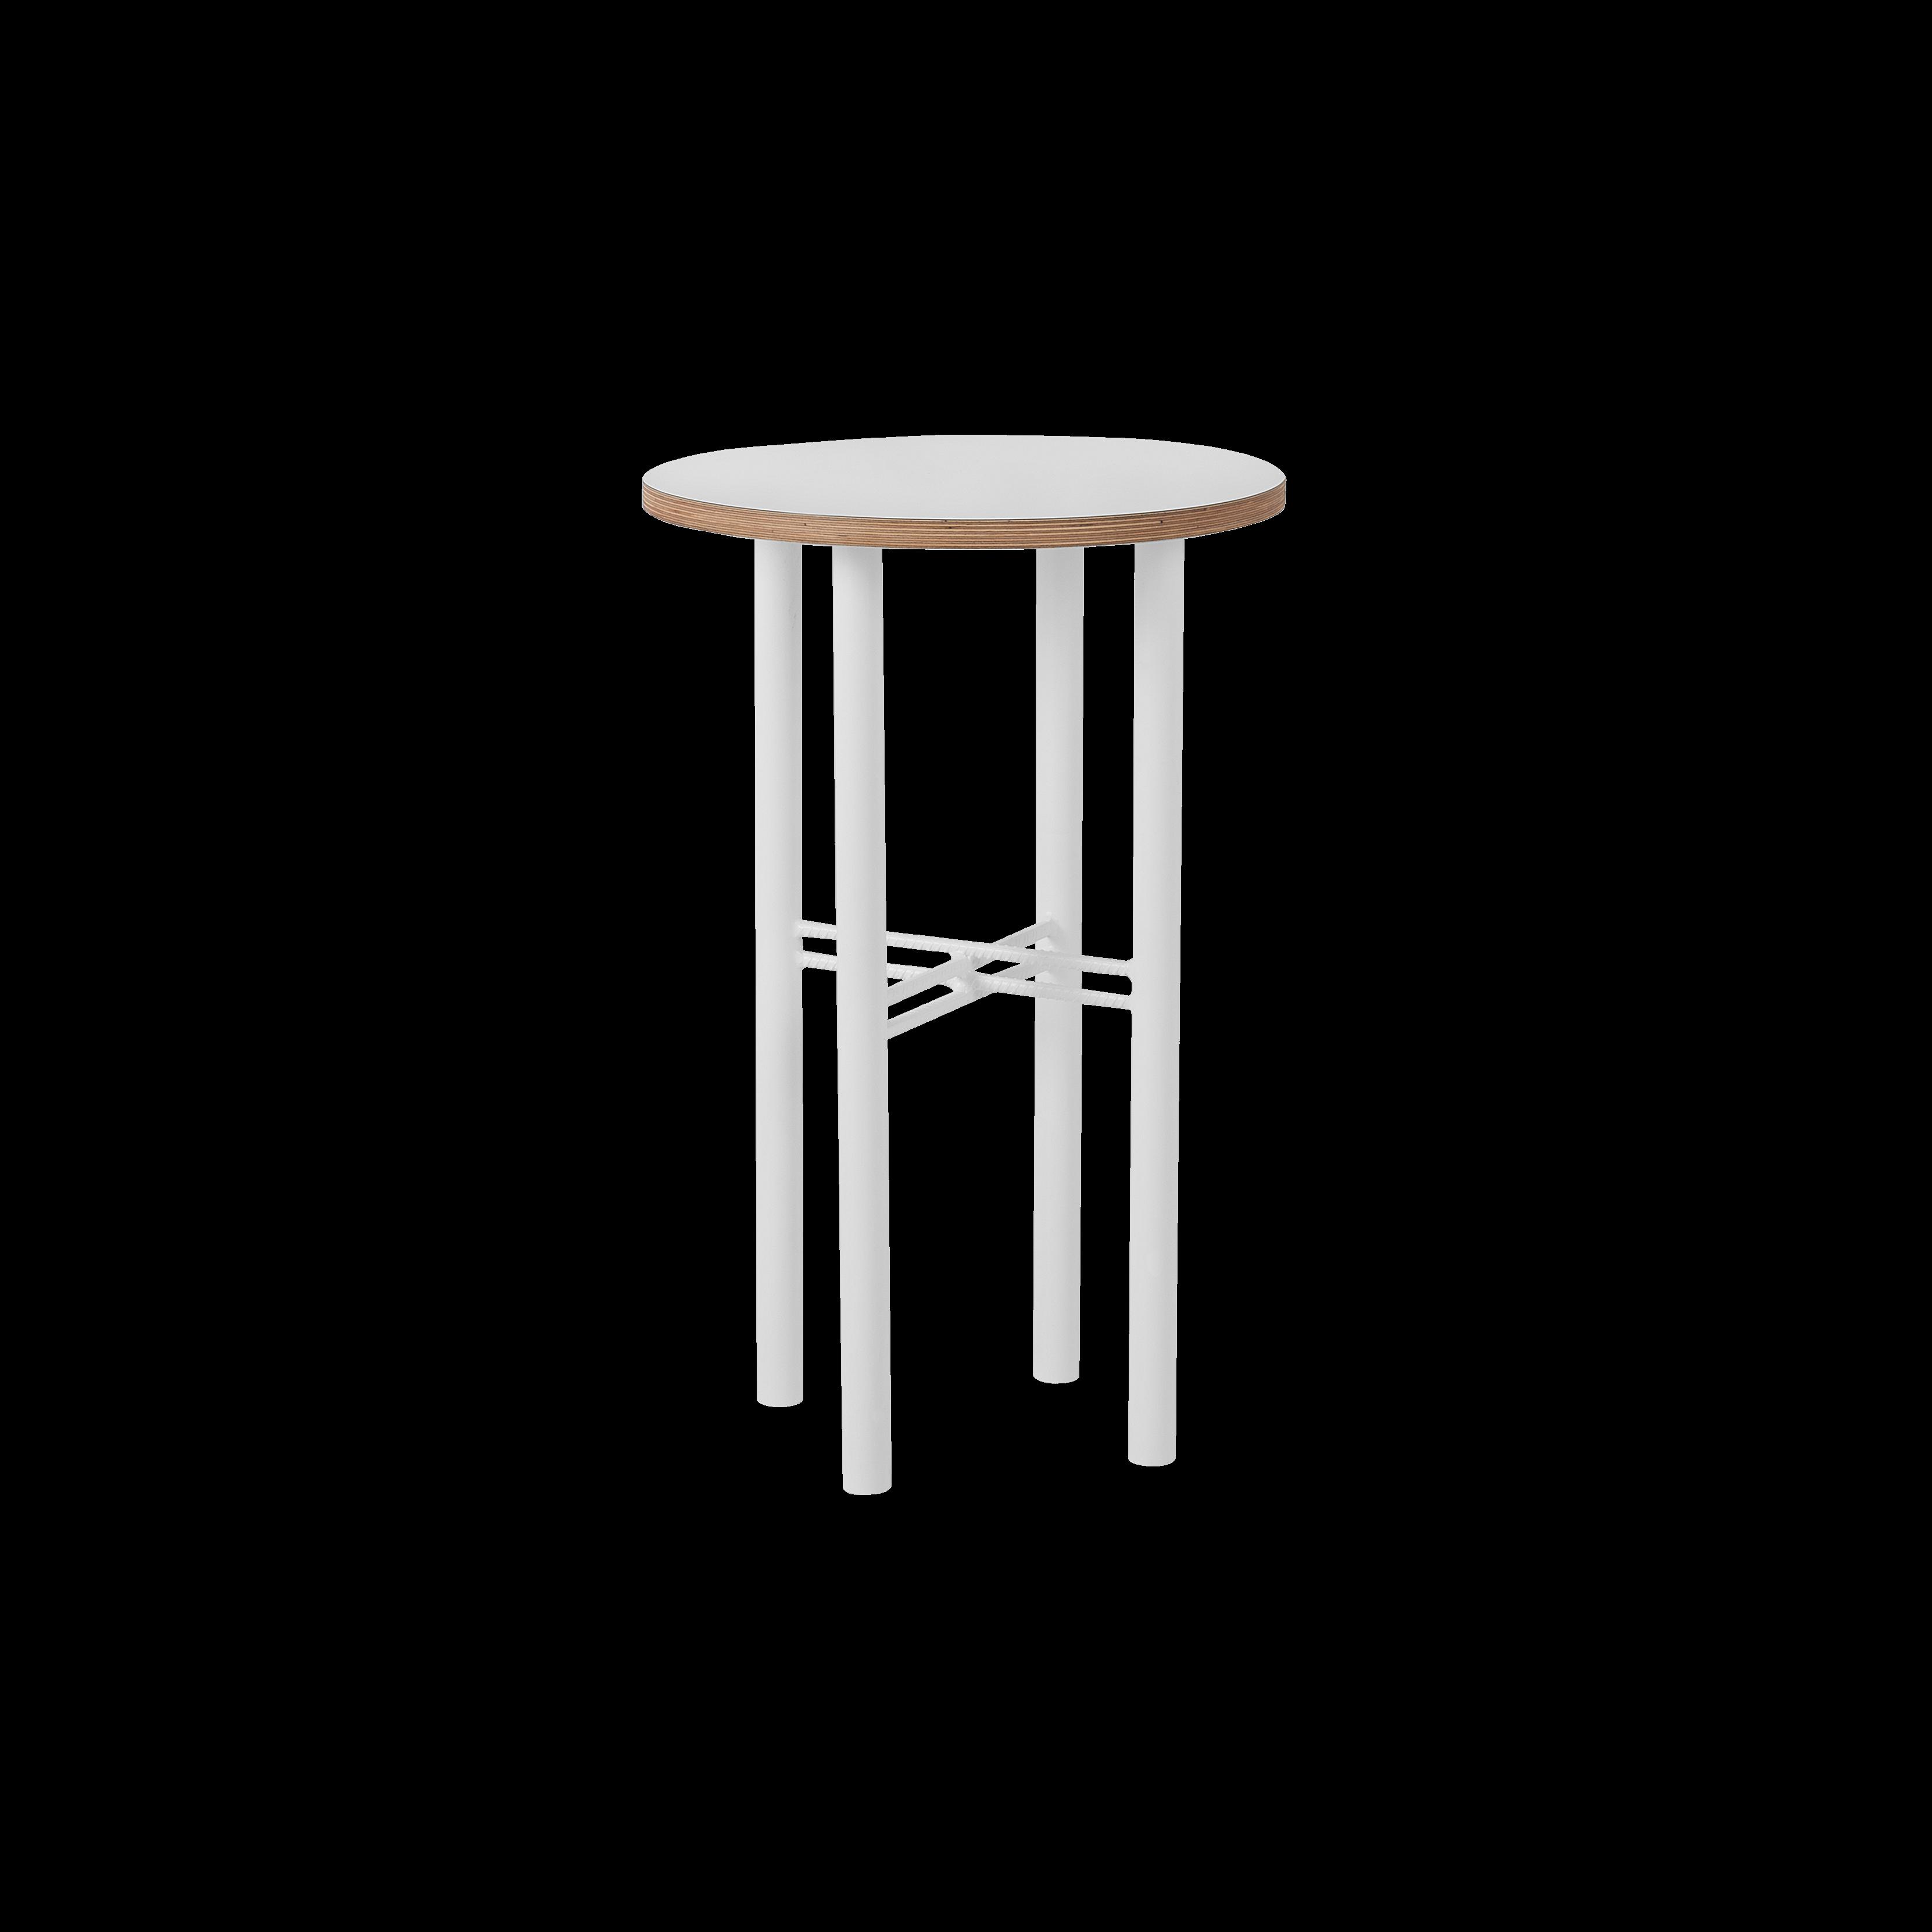 Coffee Table Pento 40 x 40 x H 60 cm | White